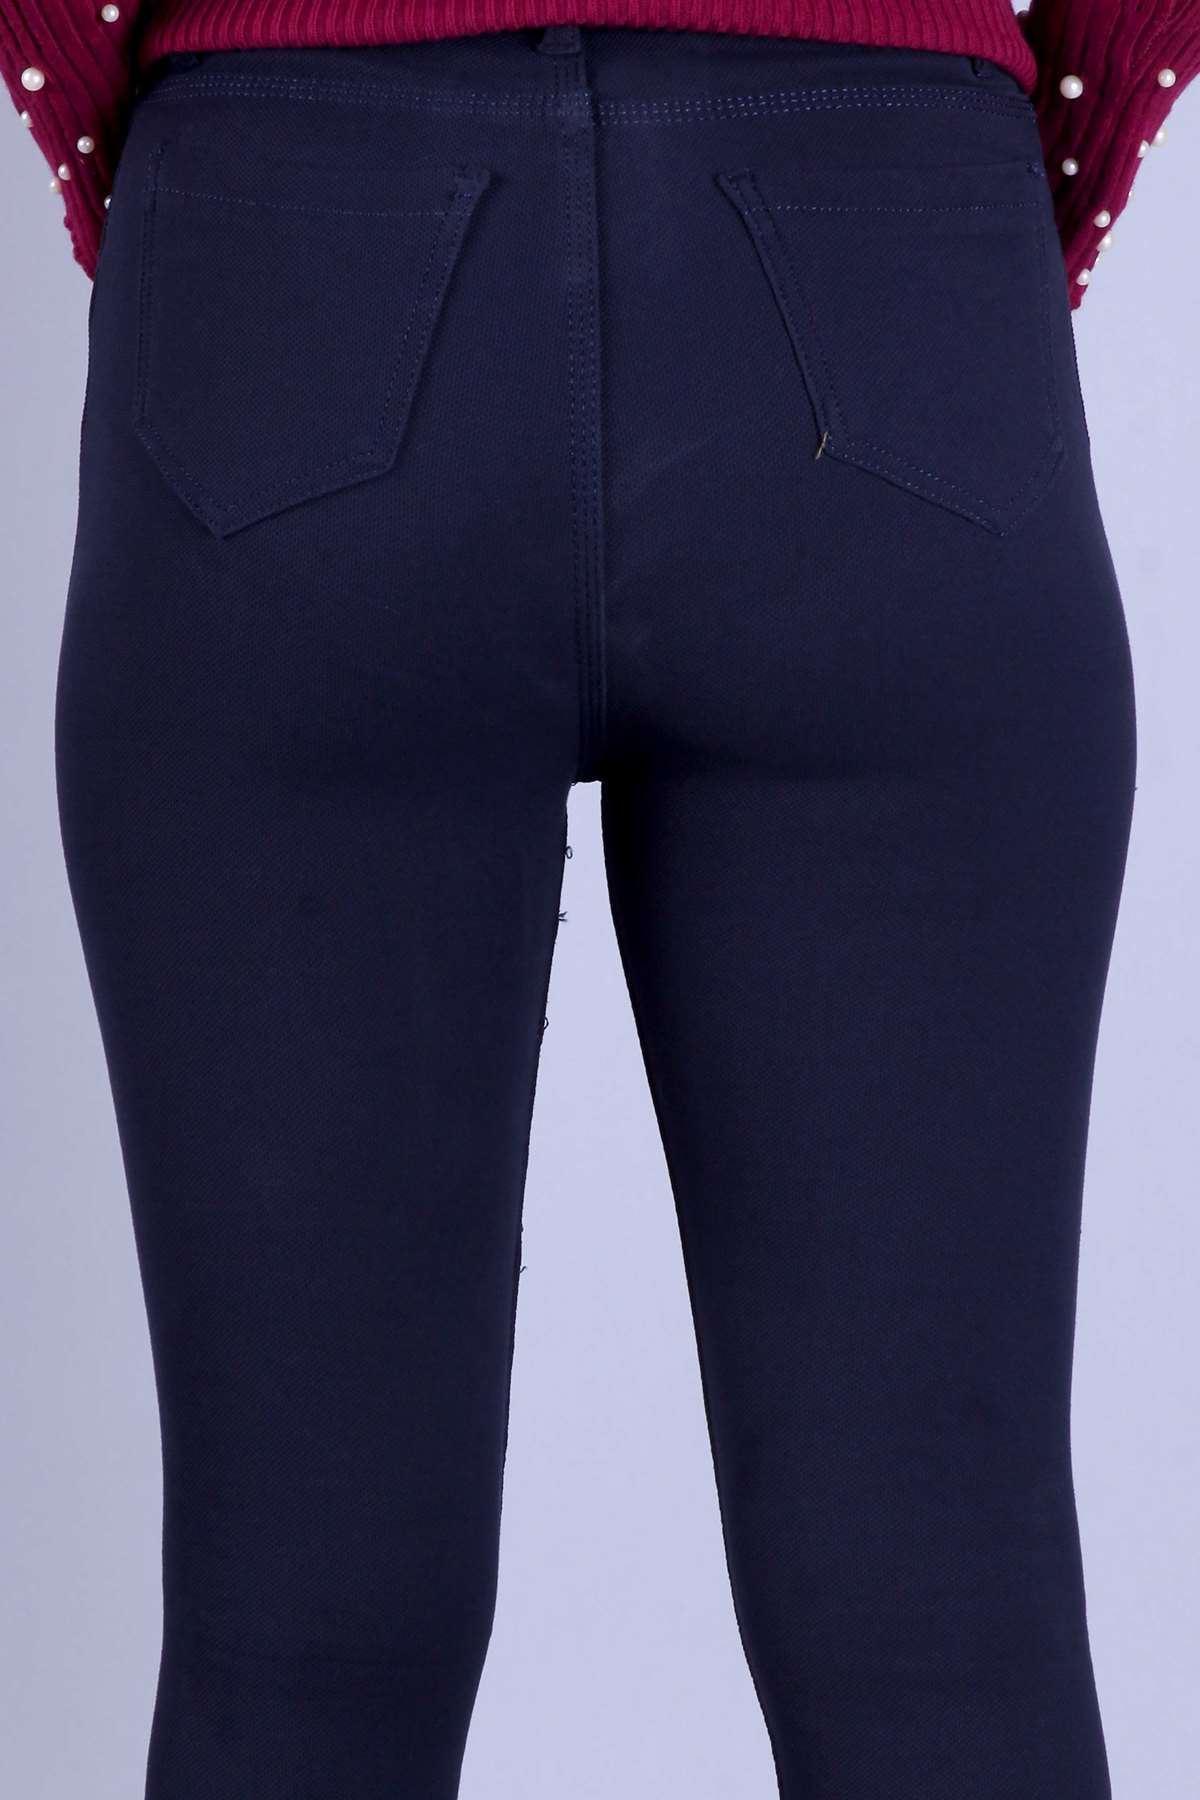 Petek Desen Dar Paça Yüksek Bel Pantolon Koyu Lacivert